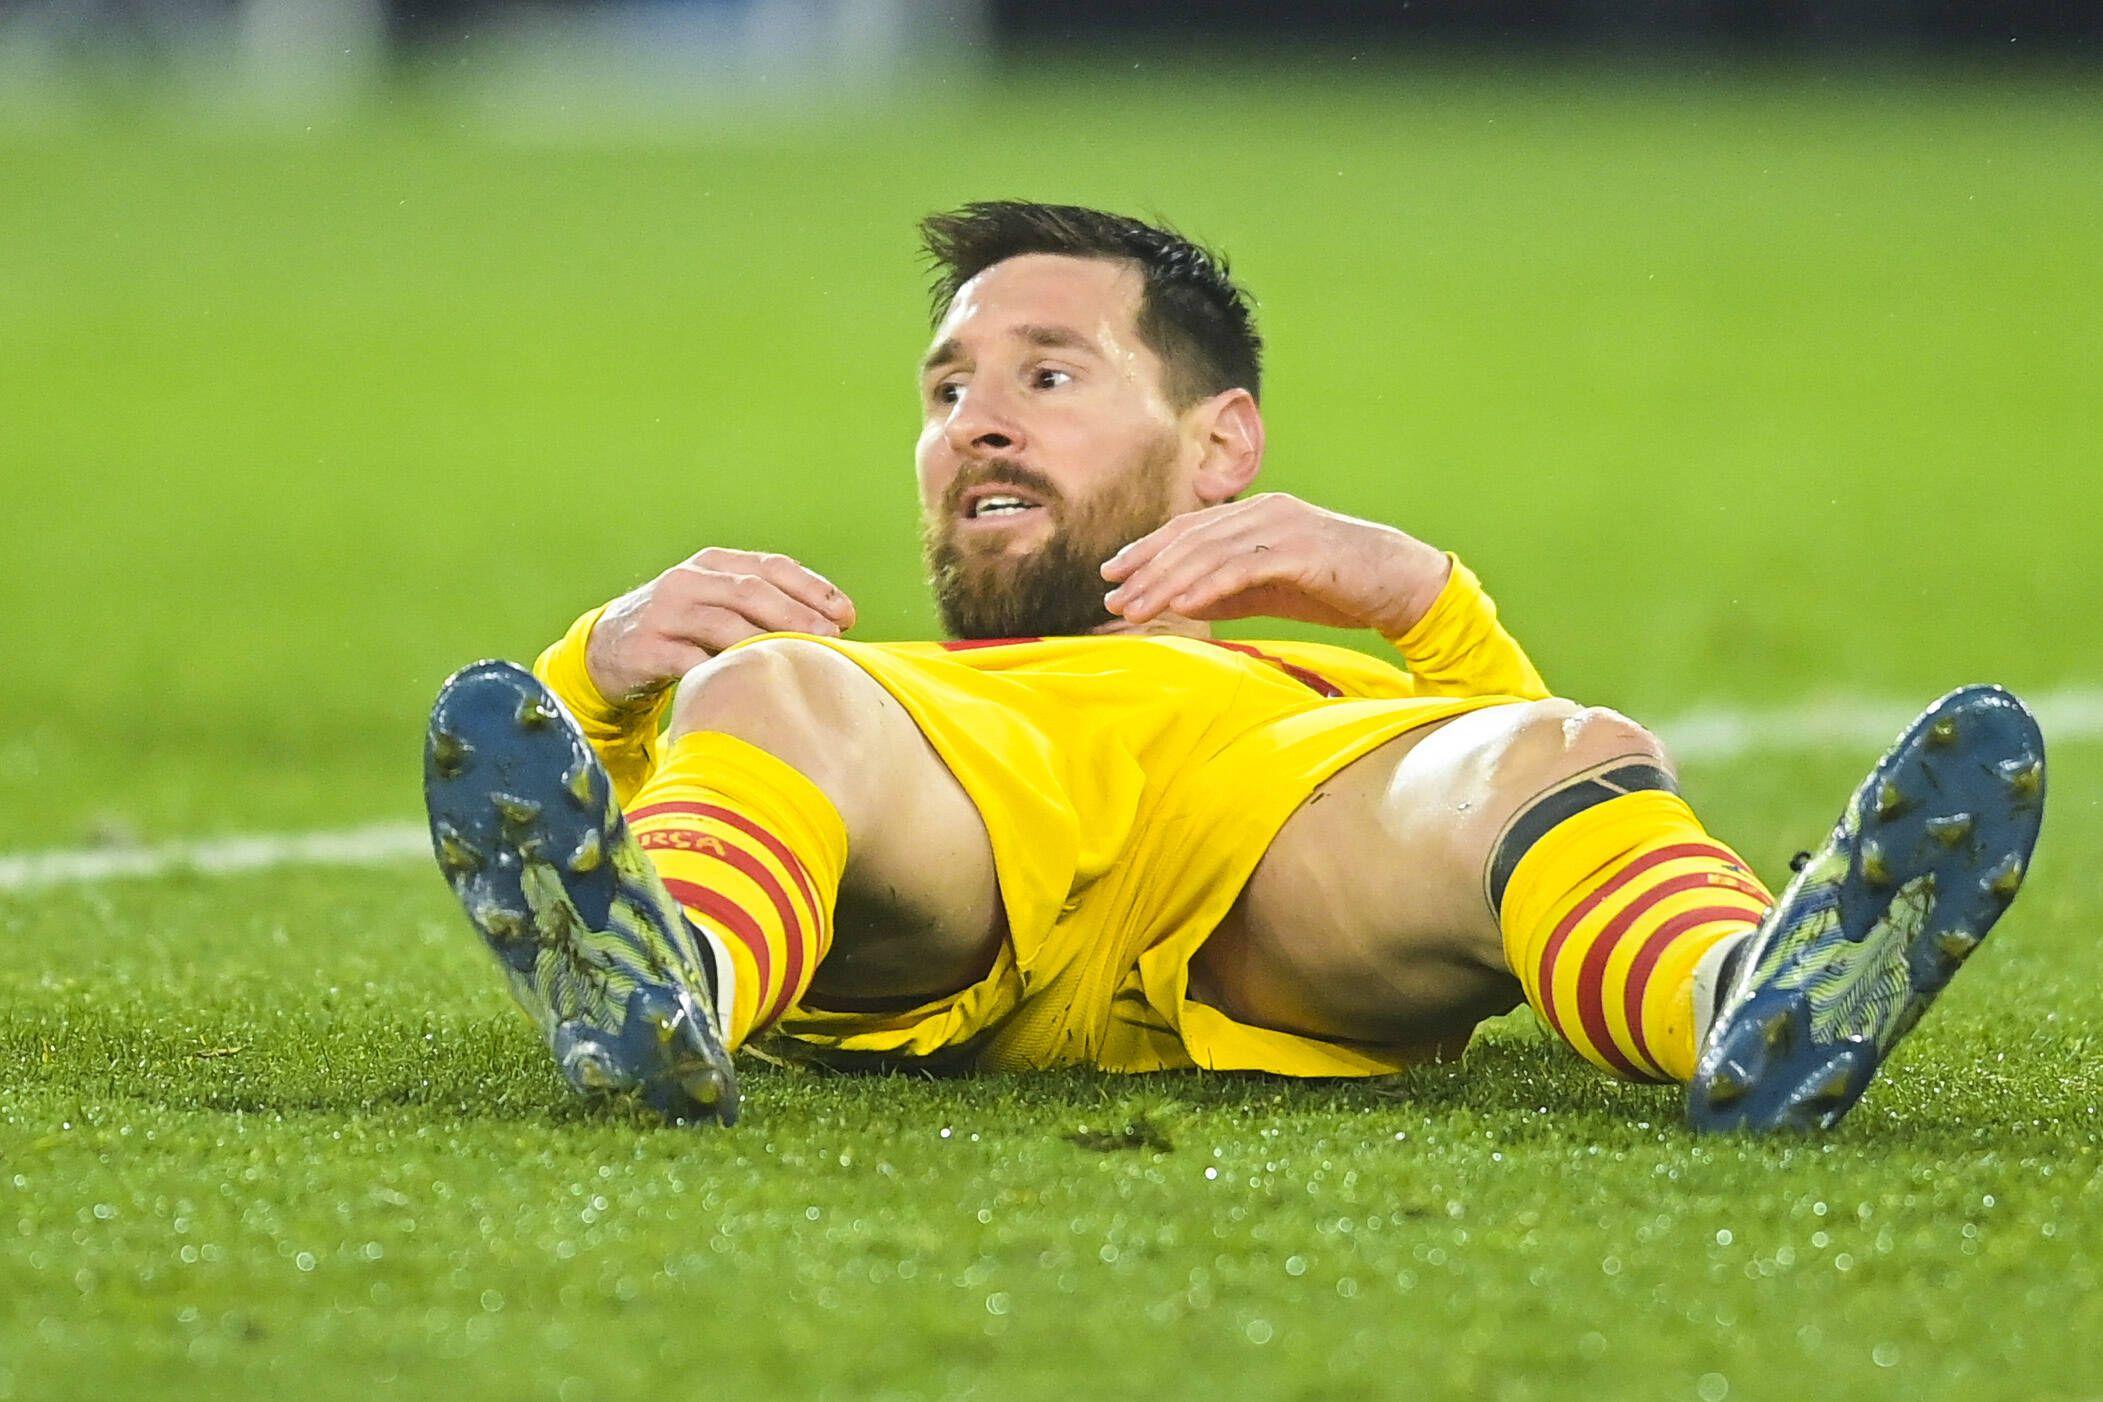 Впервые с 2005 года команды Роналду и Месси не смогли выйти в четвертьфинал Лиги чемпионов